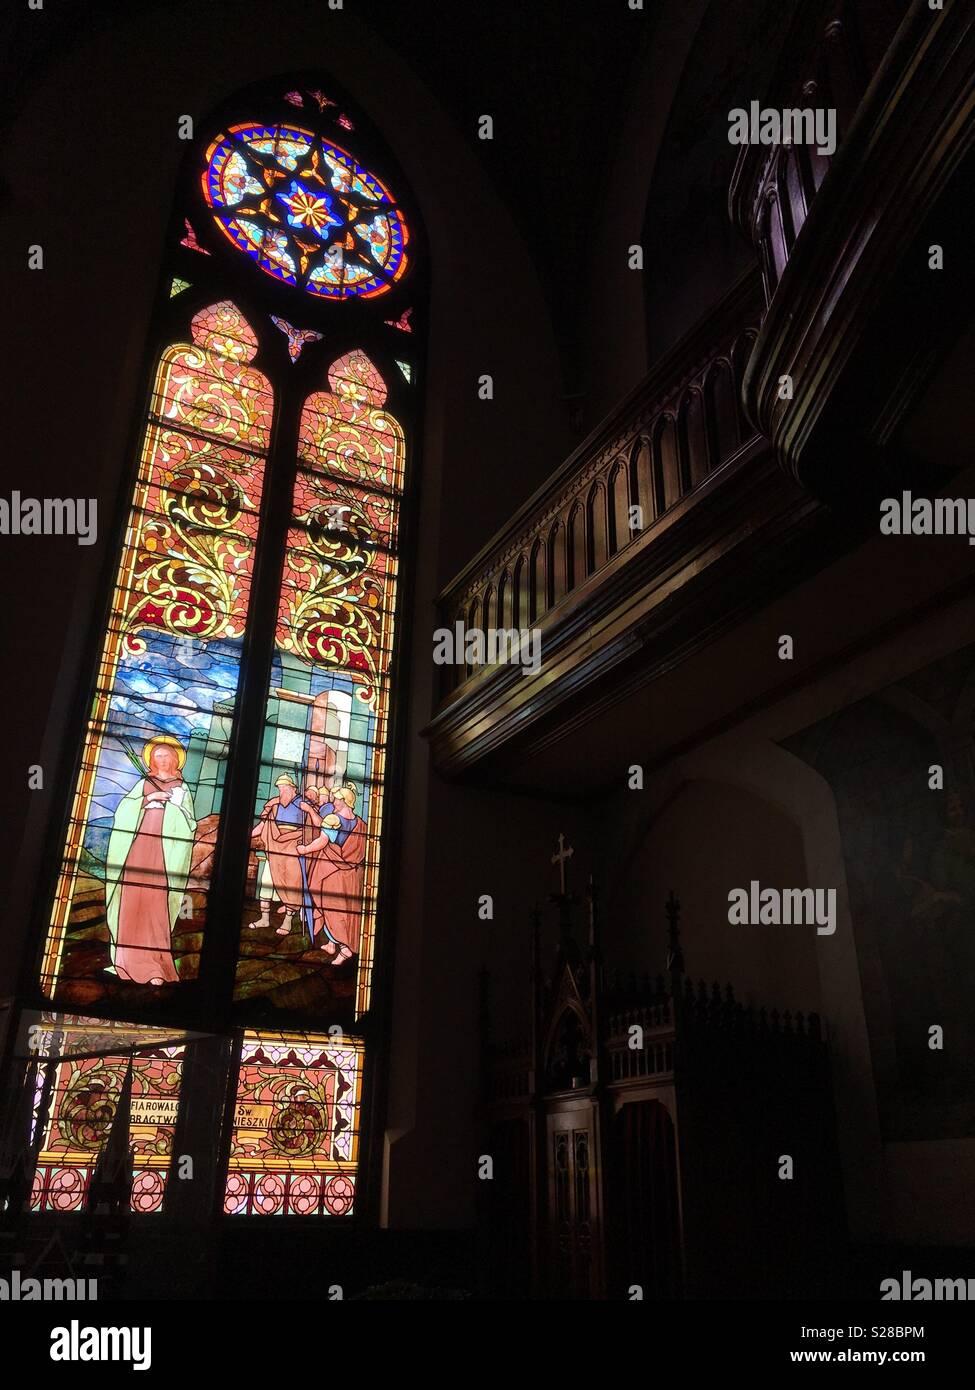 La lumière qui brillait à travers un vitrail Photo Stock